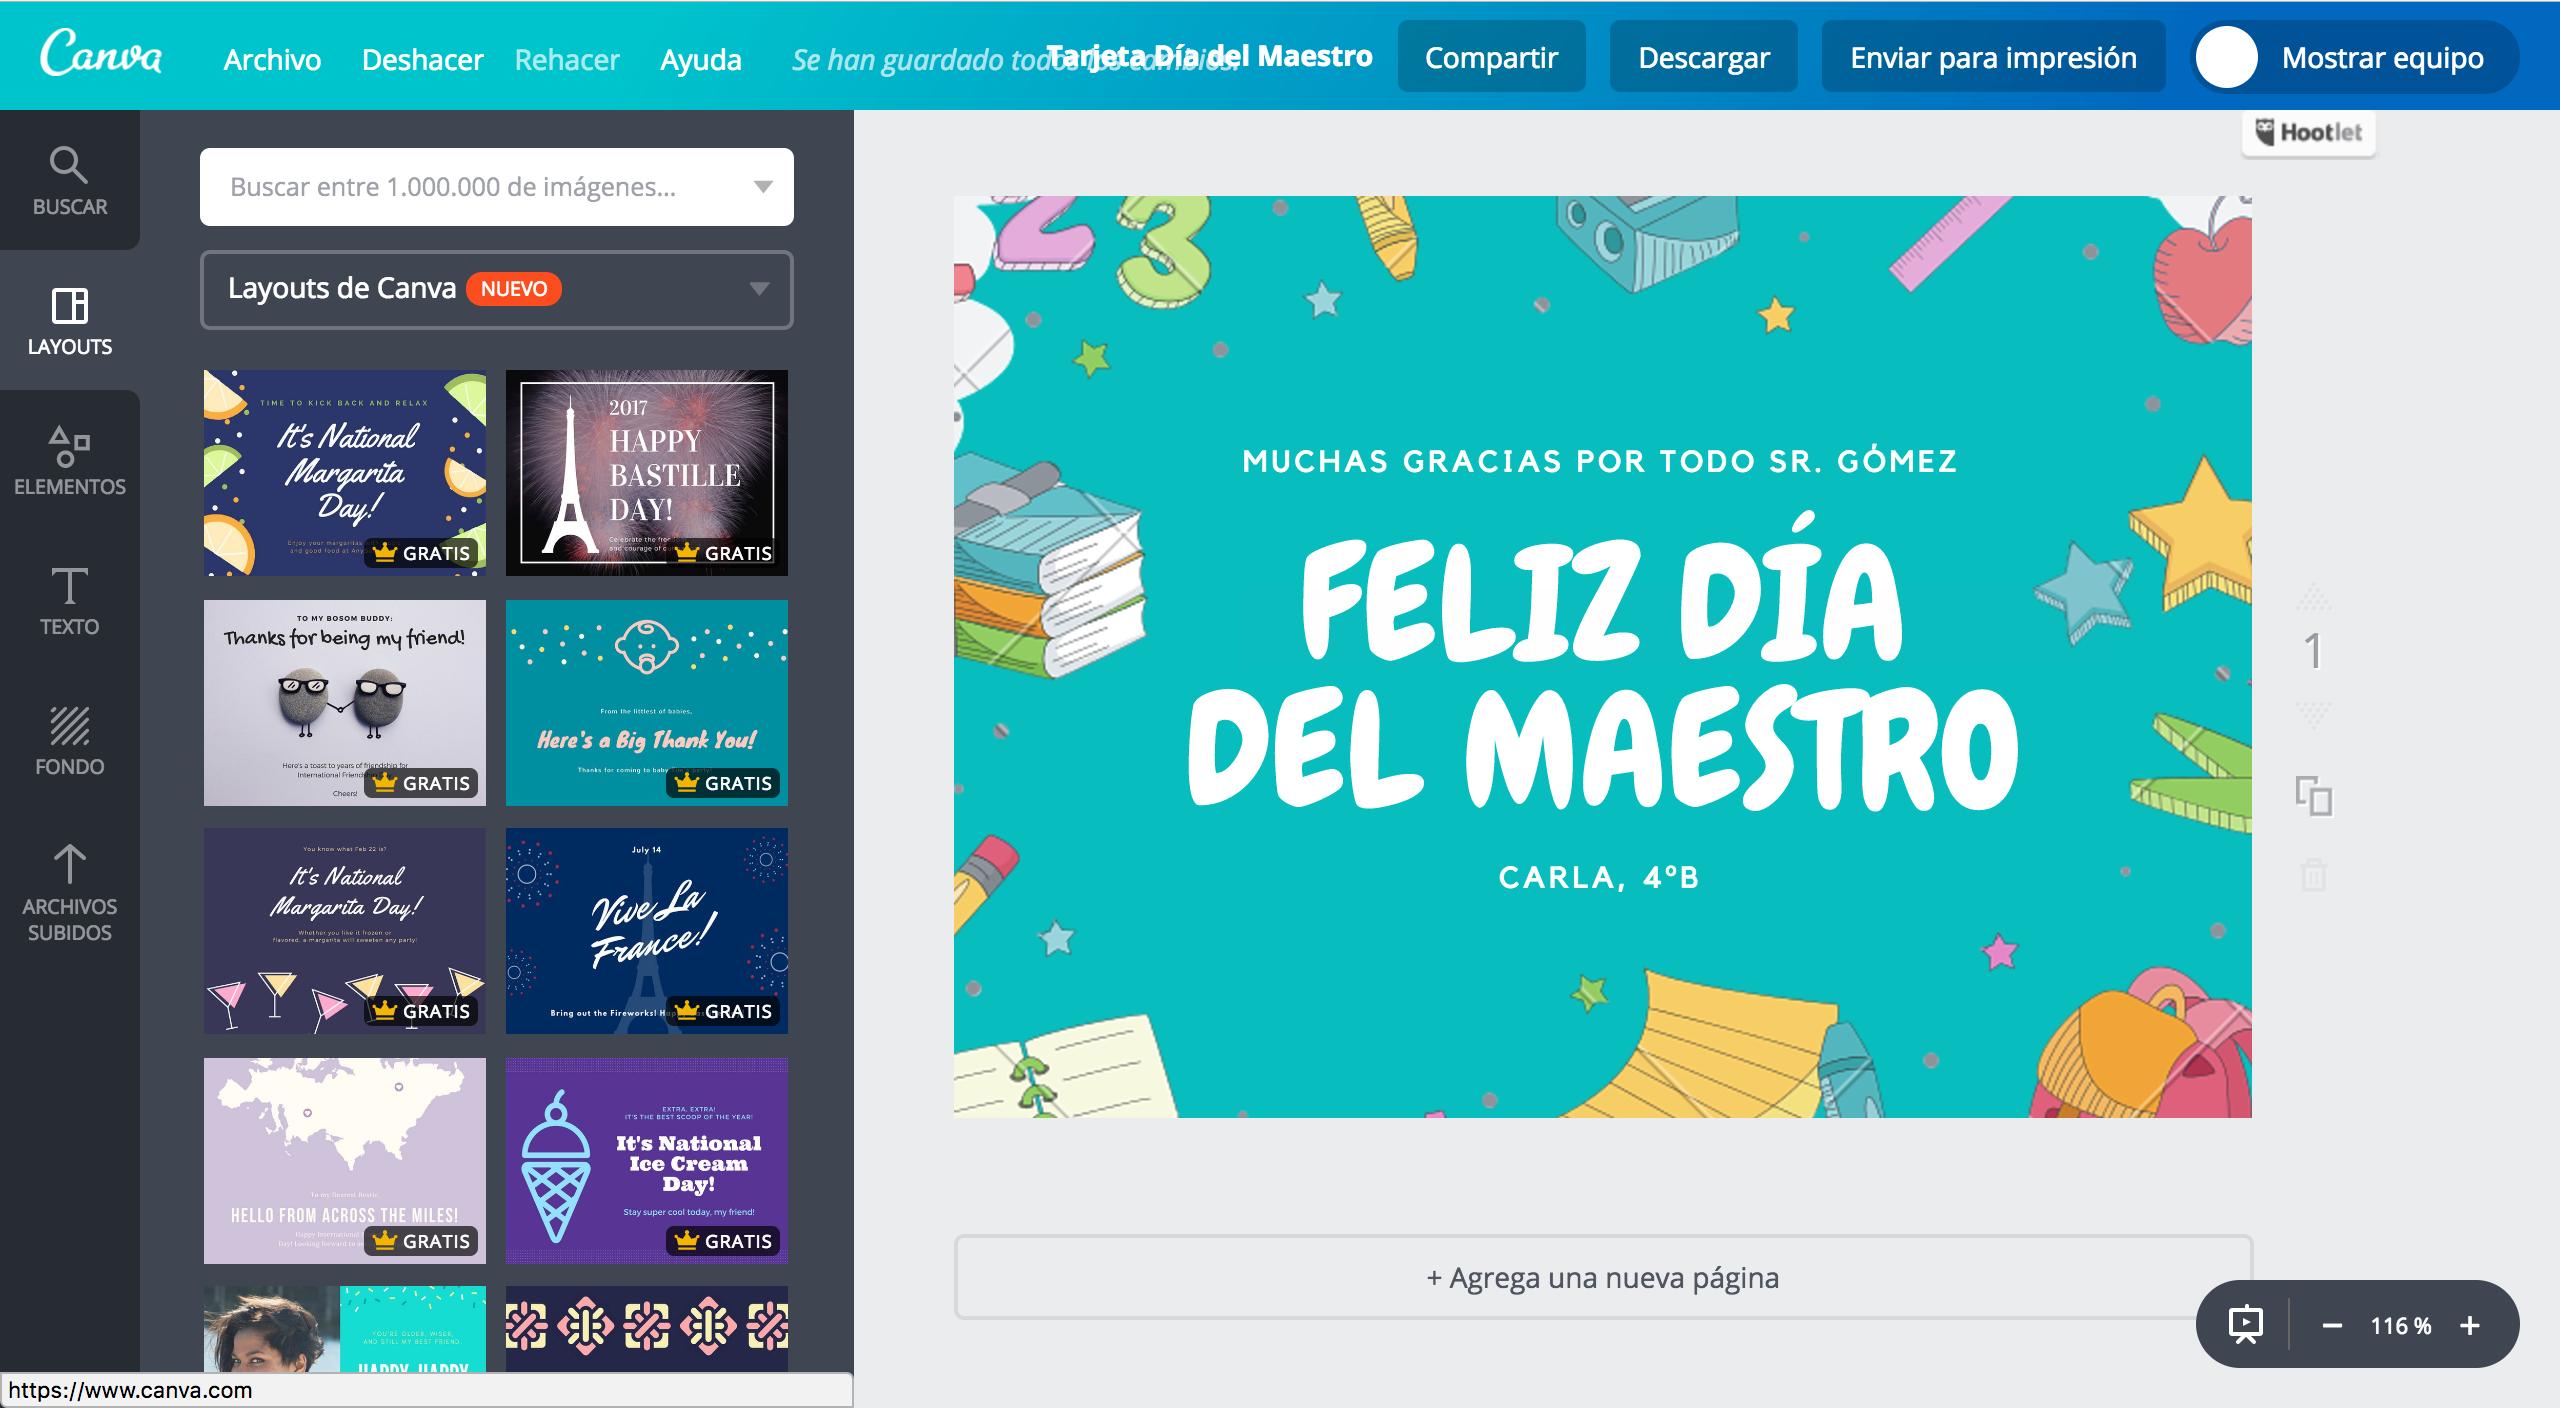 Crea tarjetas del Día del Maestro online gratis - Canva